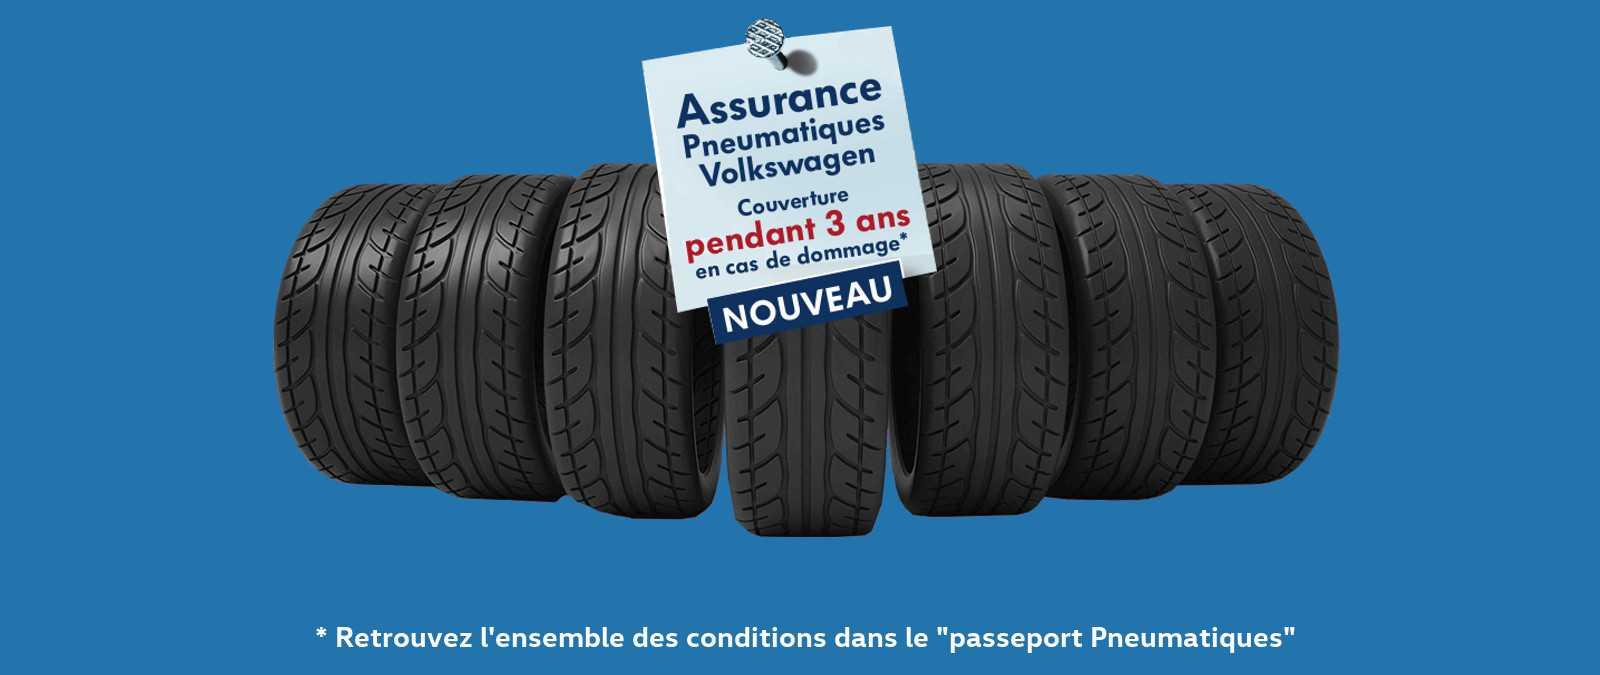 Pneumatiques blet rouen grand quevilly garage volkswagen rouen grand quevilly - Garage citroen grand quevilly ...